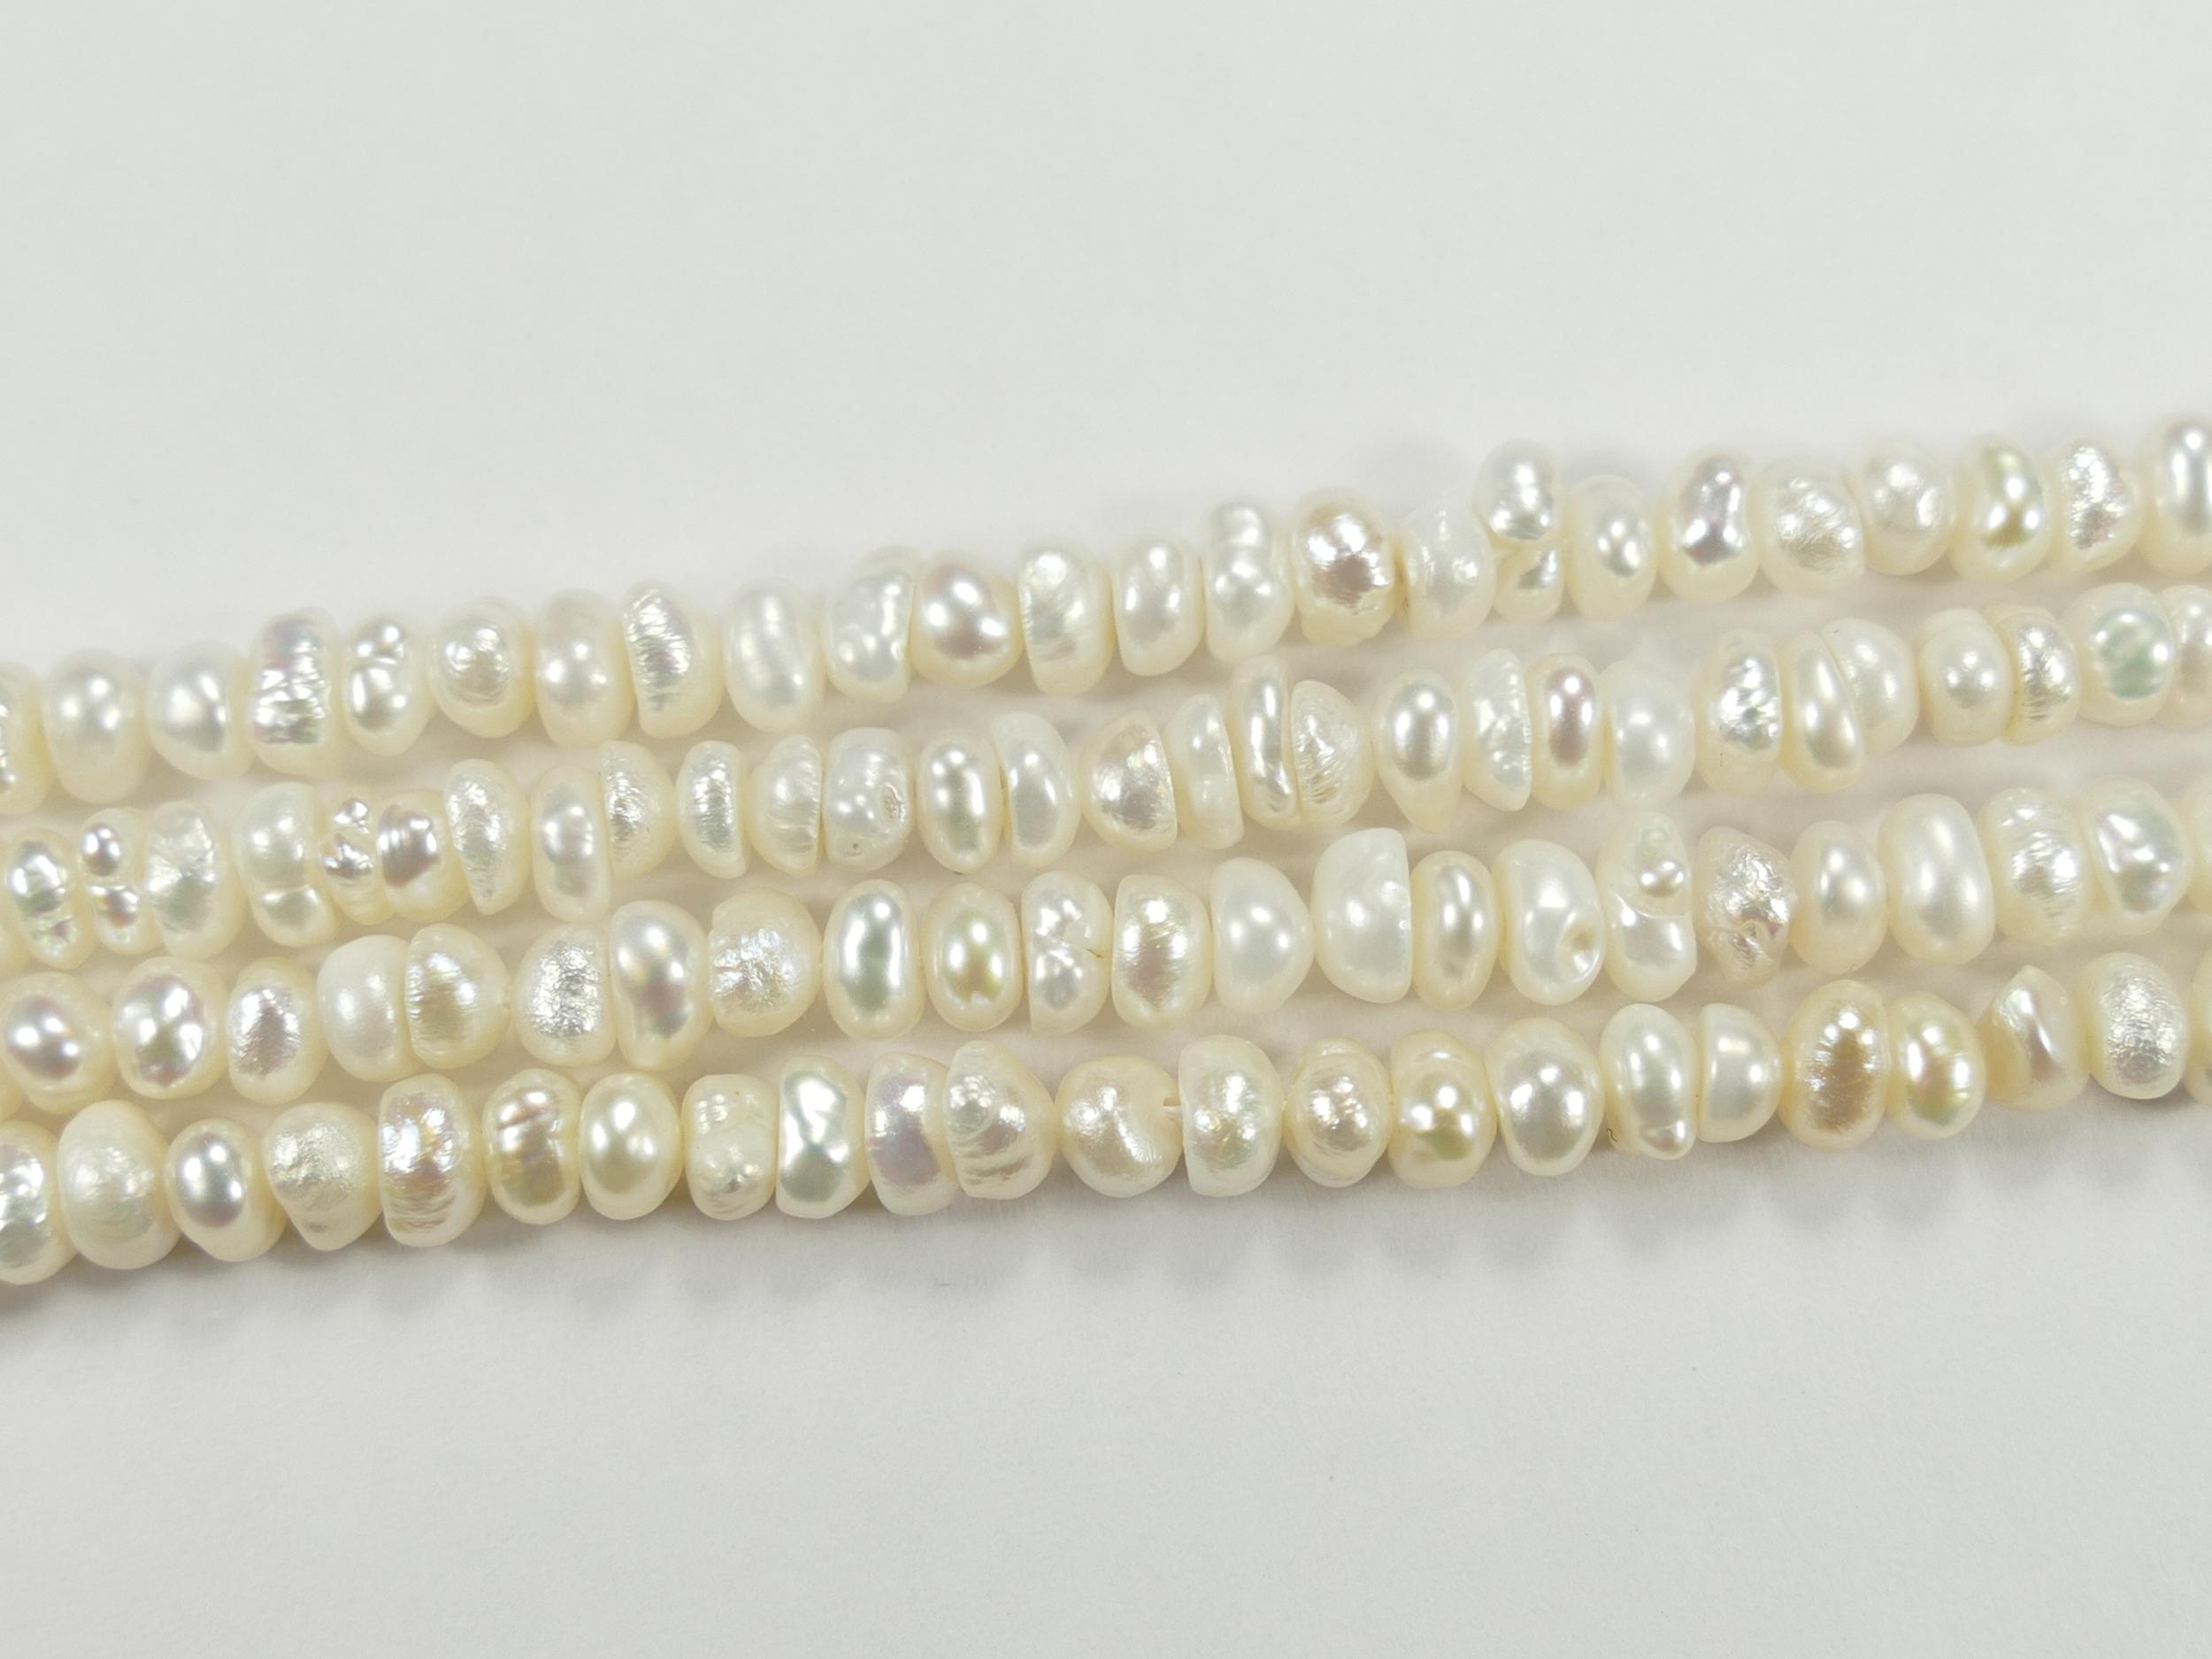 4/4.5mm Perle de culture blanche nacré doré naturelle d\'eau douce bouton x20cm (7.8inch) (#AC750)